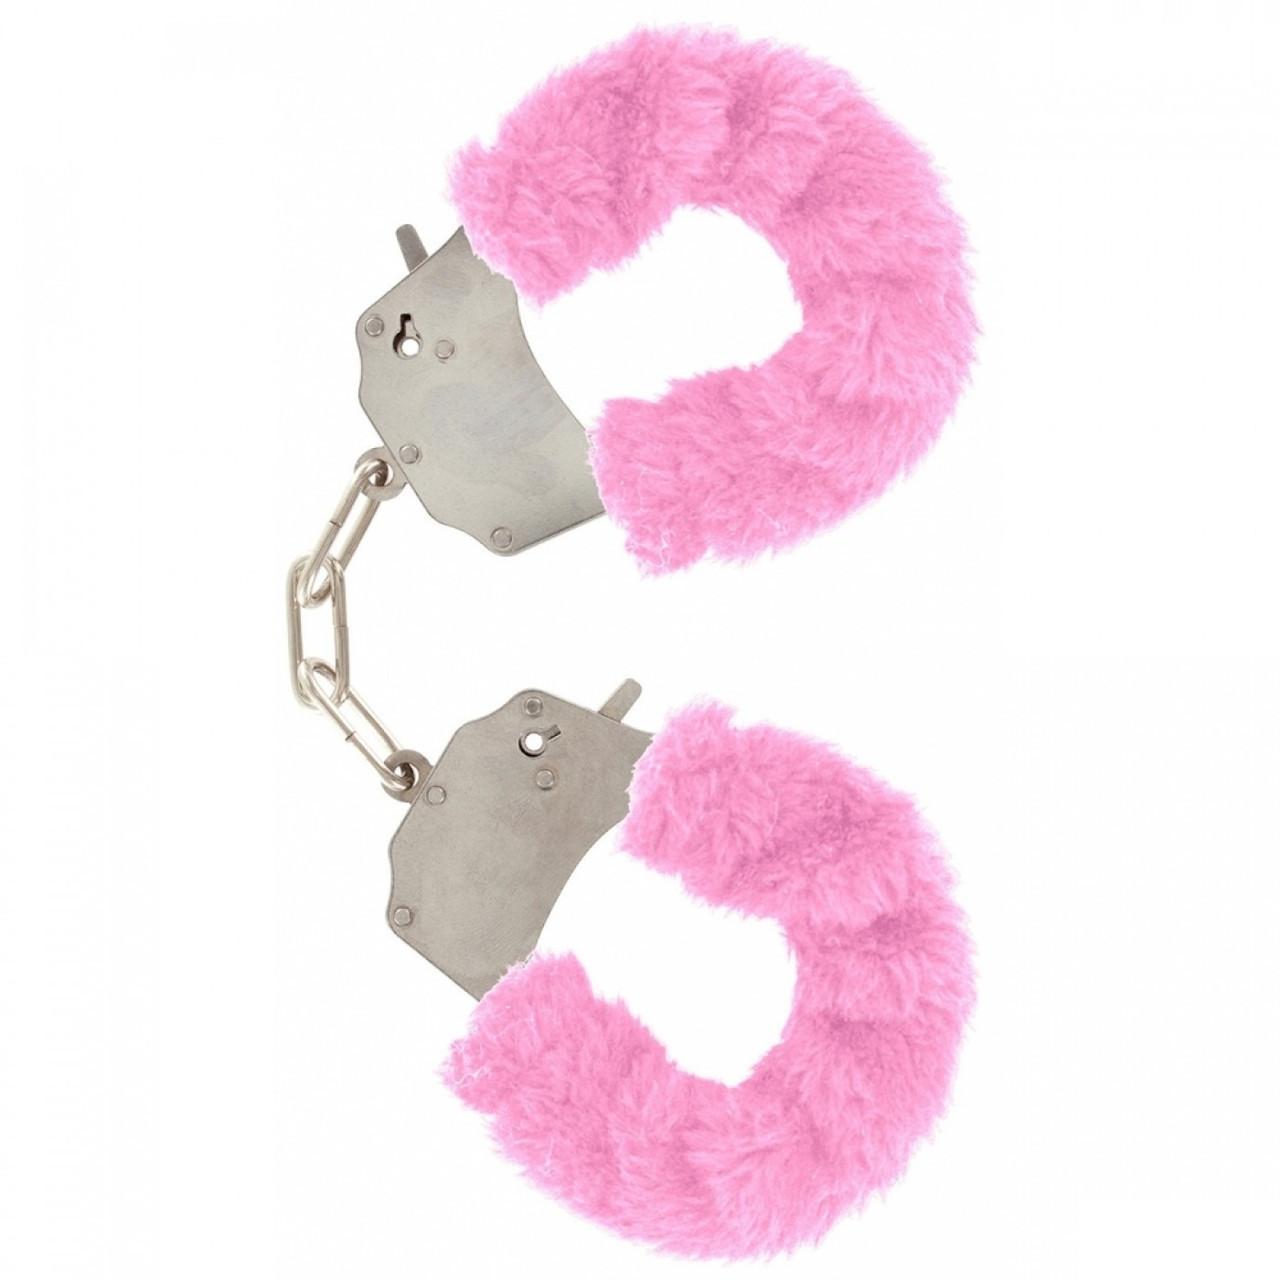 Качественные наручники Toy Joy (Голландия) Furry Fun, розовые